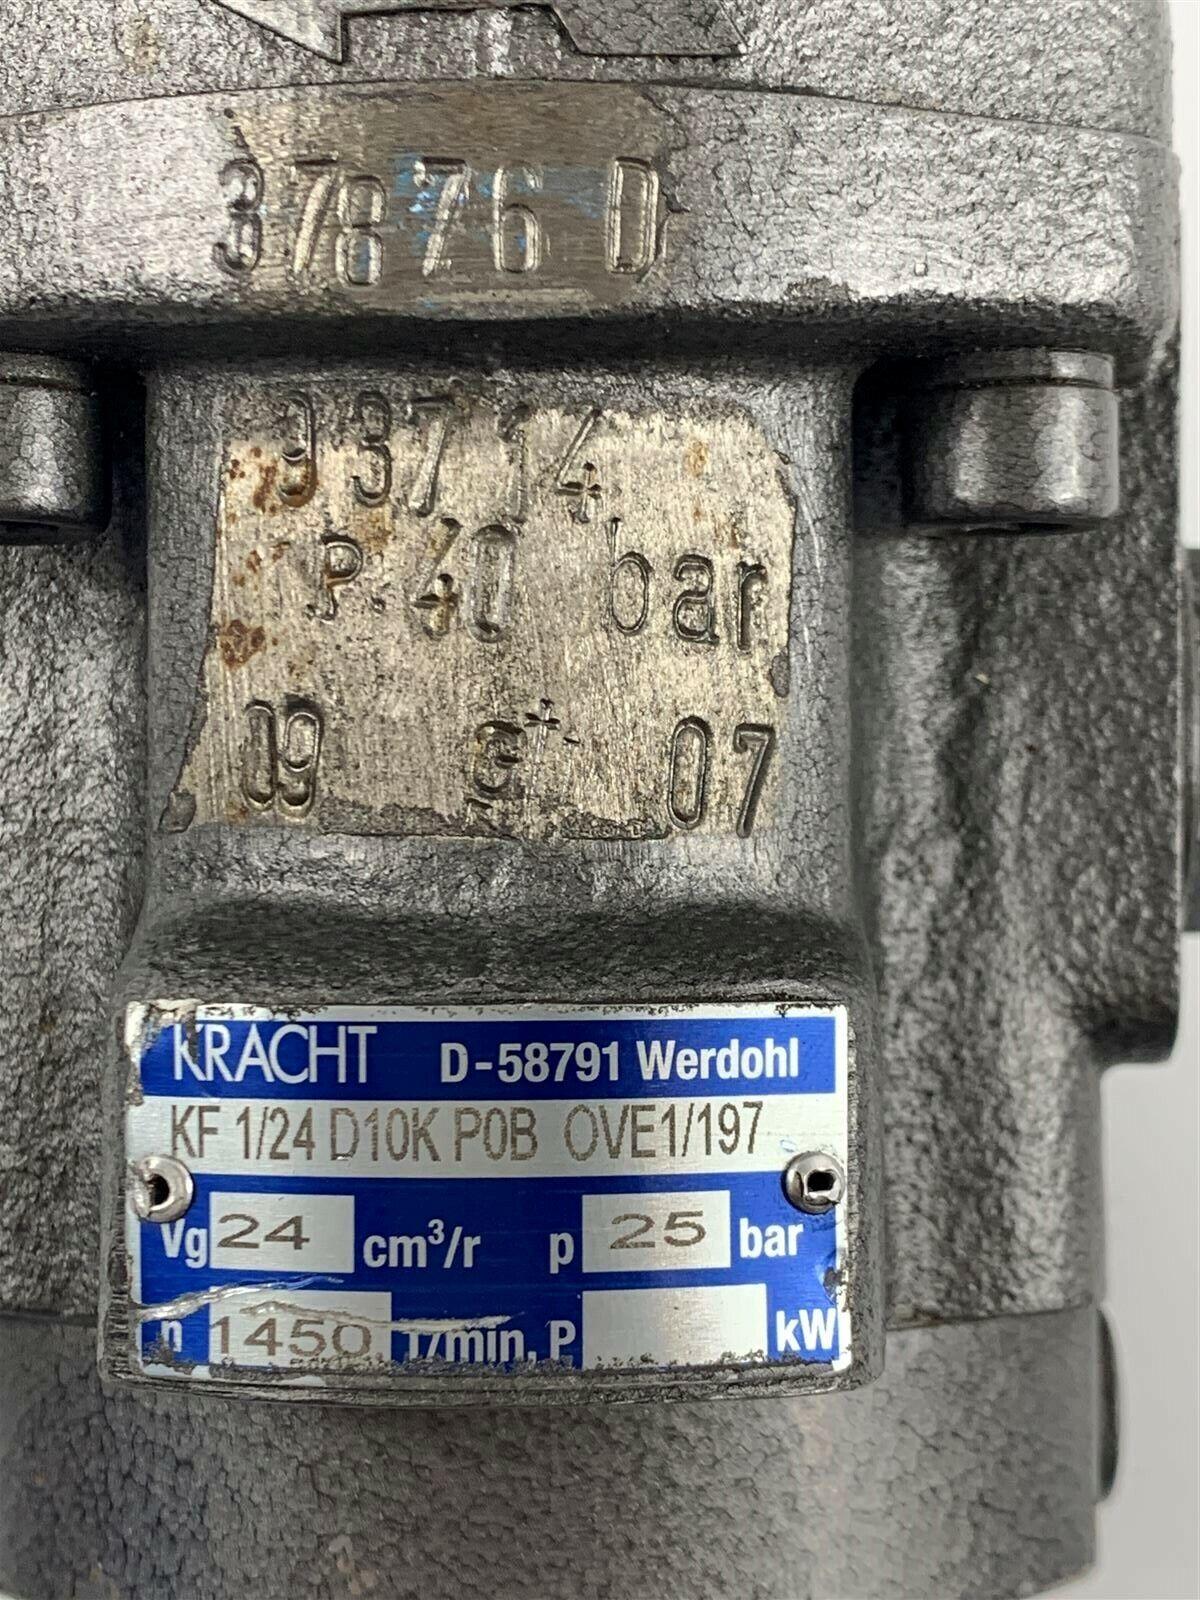 KRACHT Kf 1/24d10k P0b Ove1/197 Gear Pump